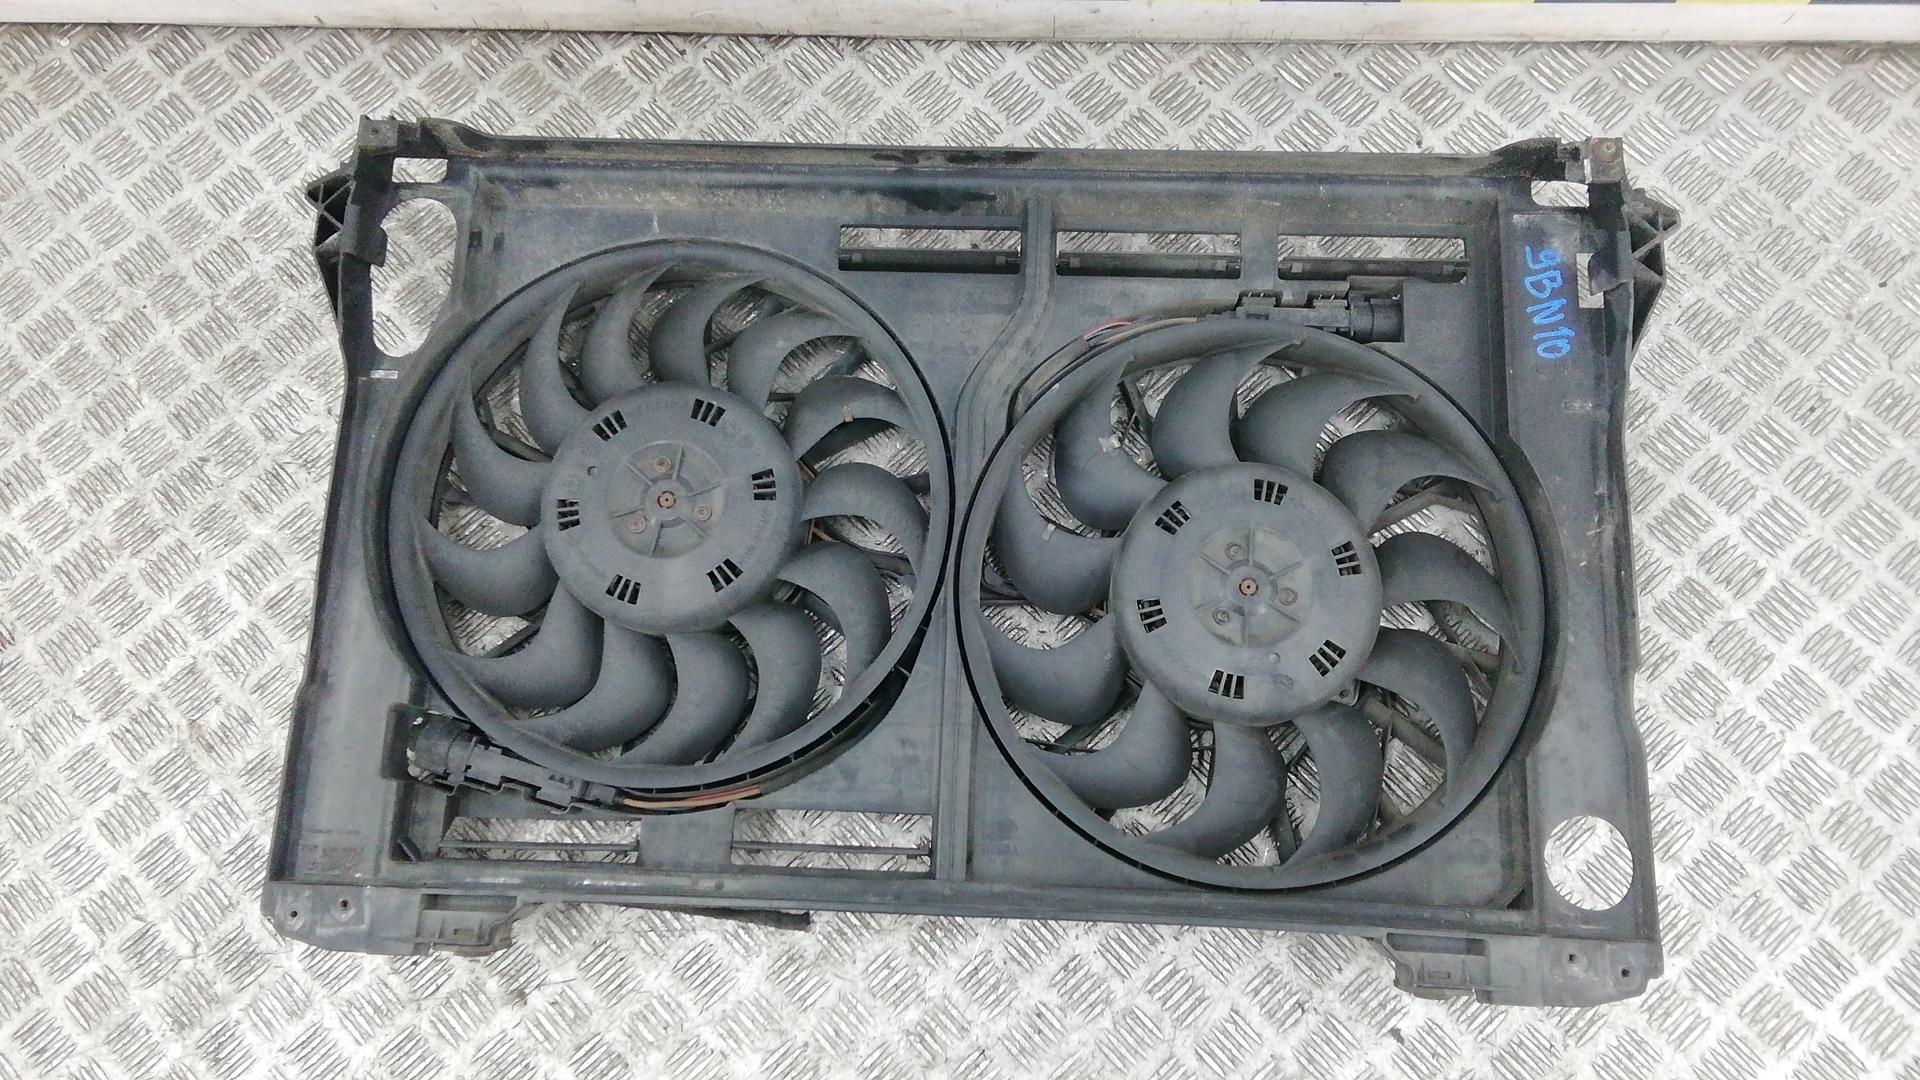 Вентилятор радиатора, AUDI, A8 D3, 2004